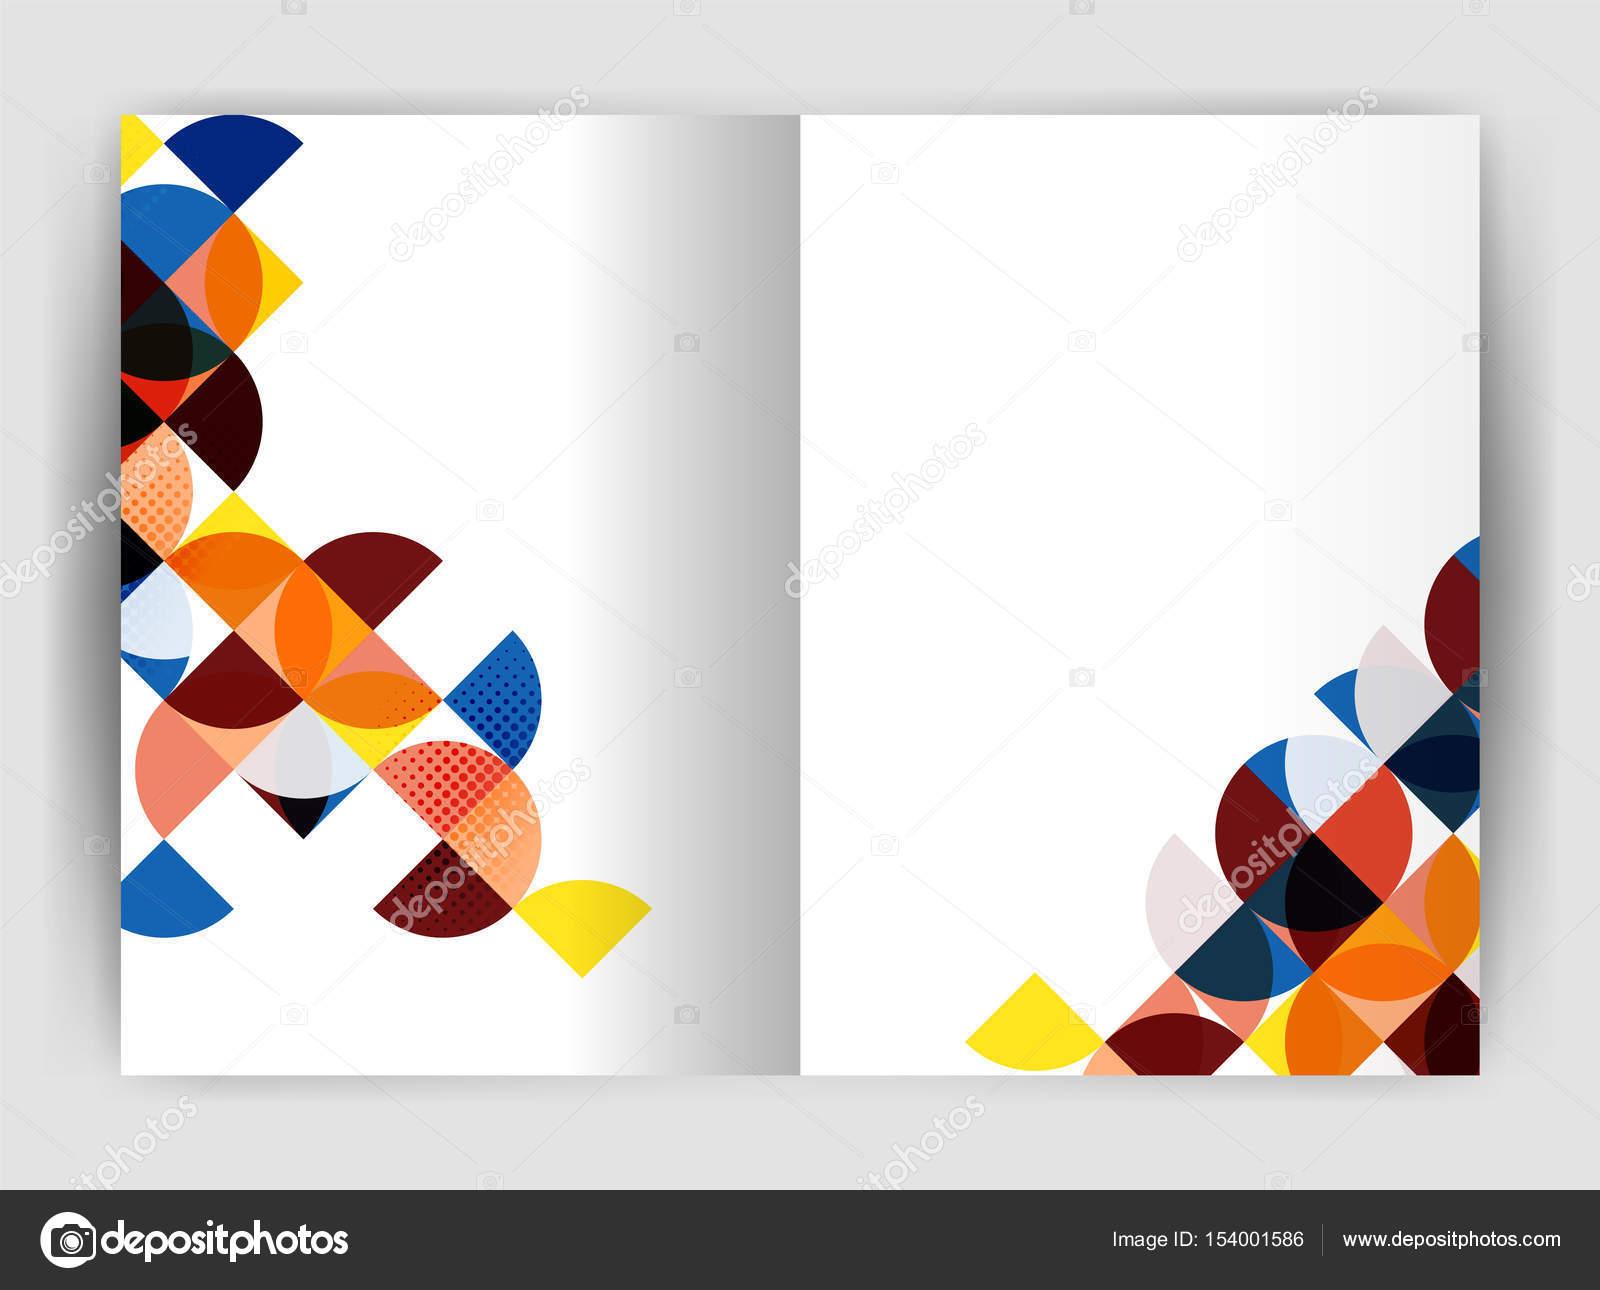 Gemütlich Xsl Vorlagenübereinstimmung Bilder - Beispiel Business ...